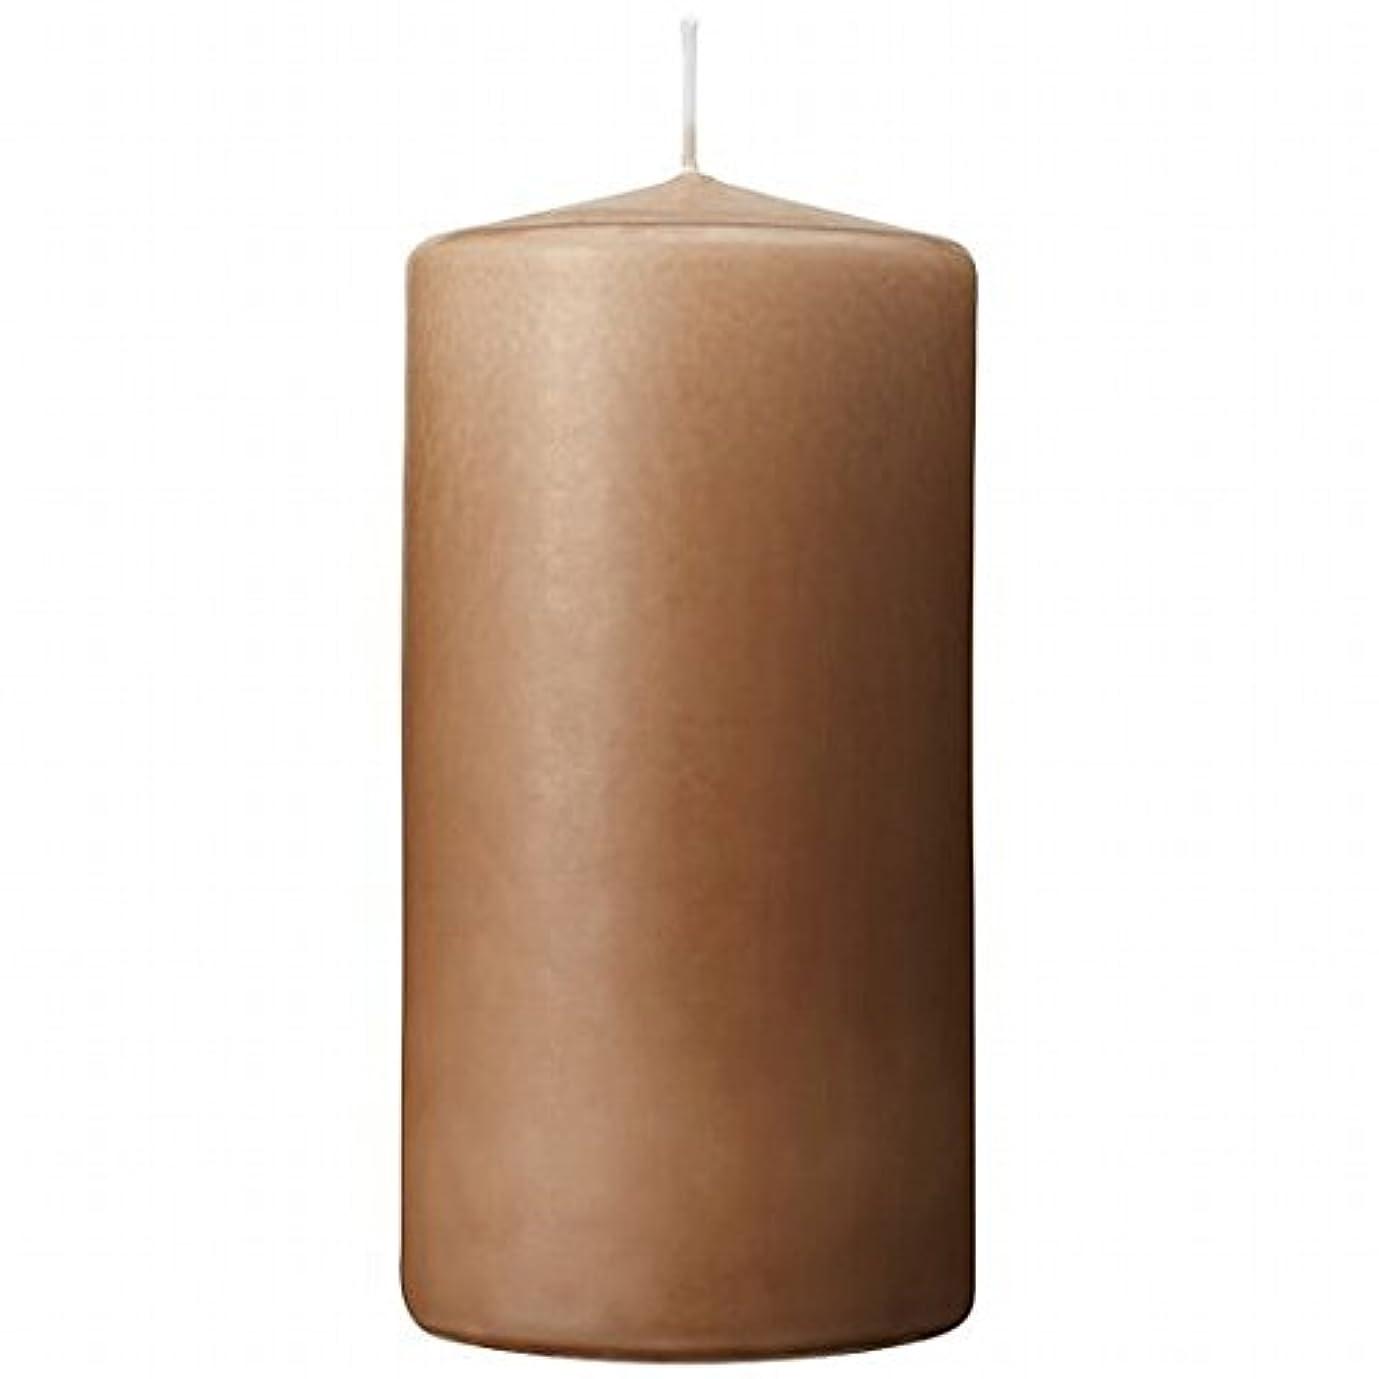 カメヤマキャンドル(kameyama candle) 3×6ベルトップピラーキャンドル 「 モカ 」